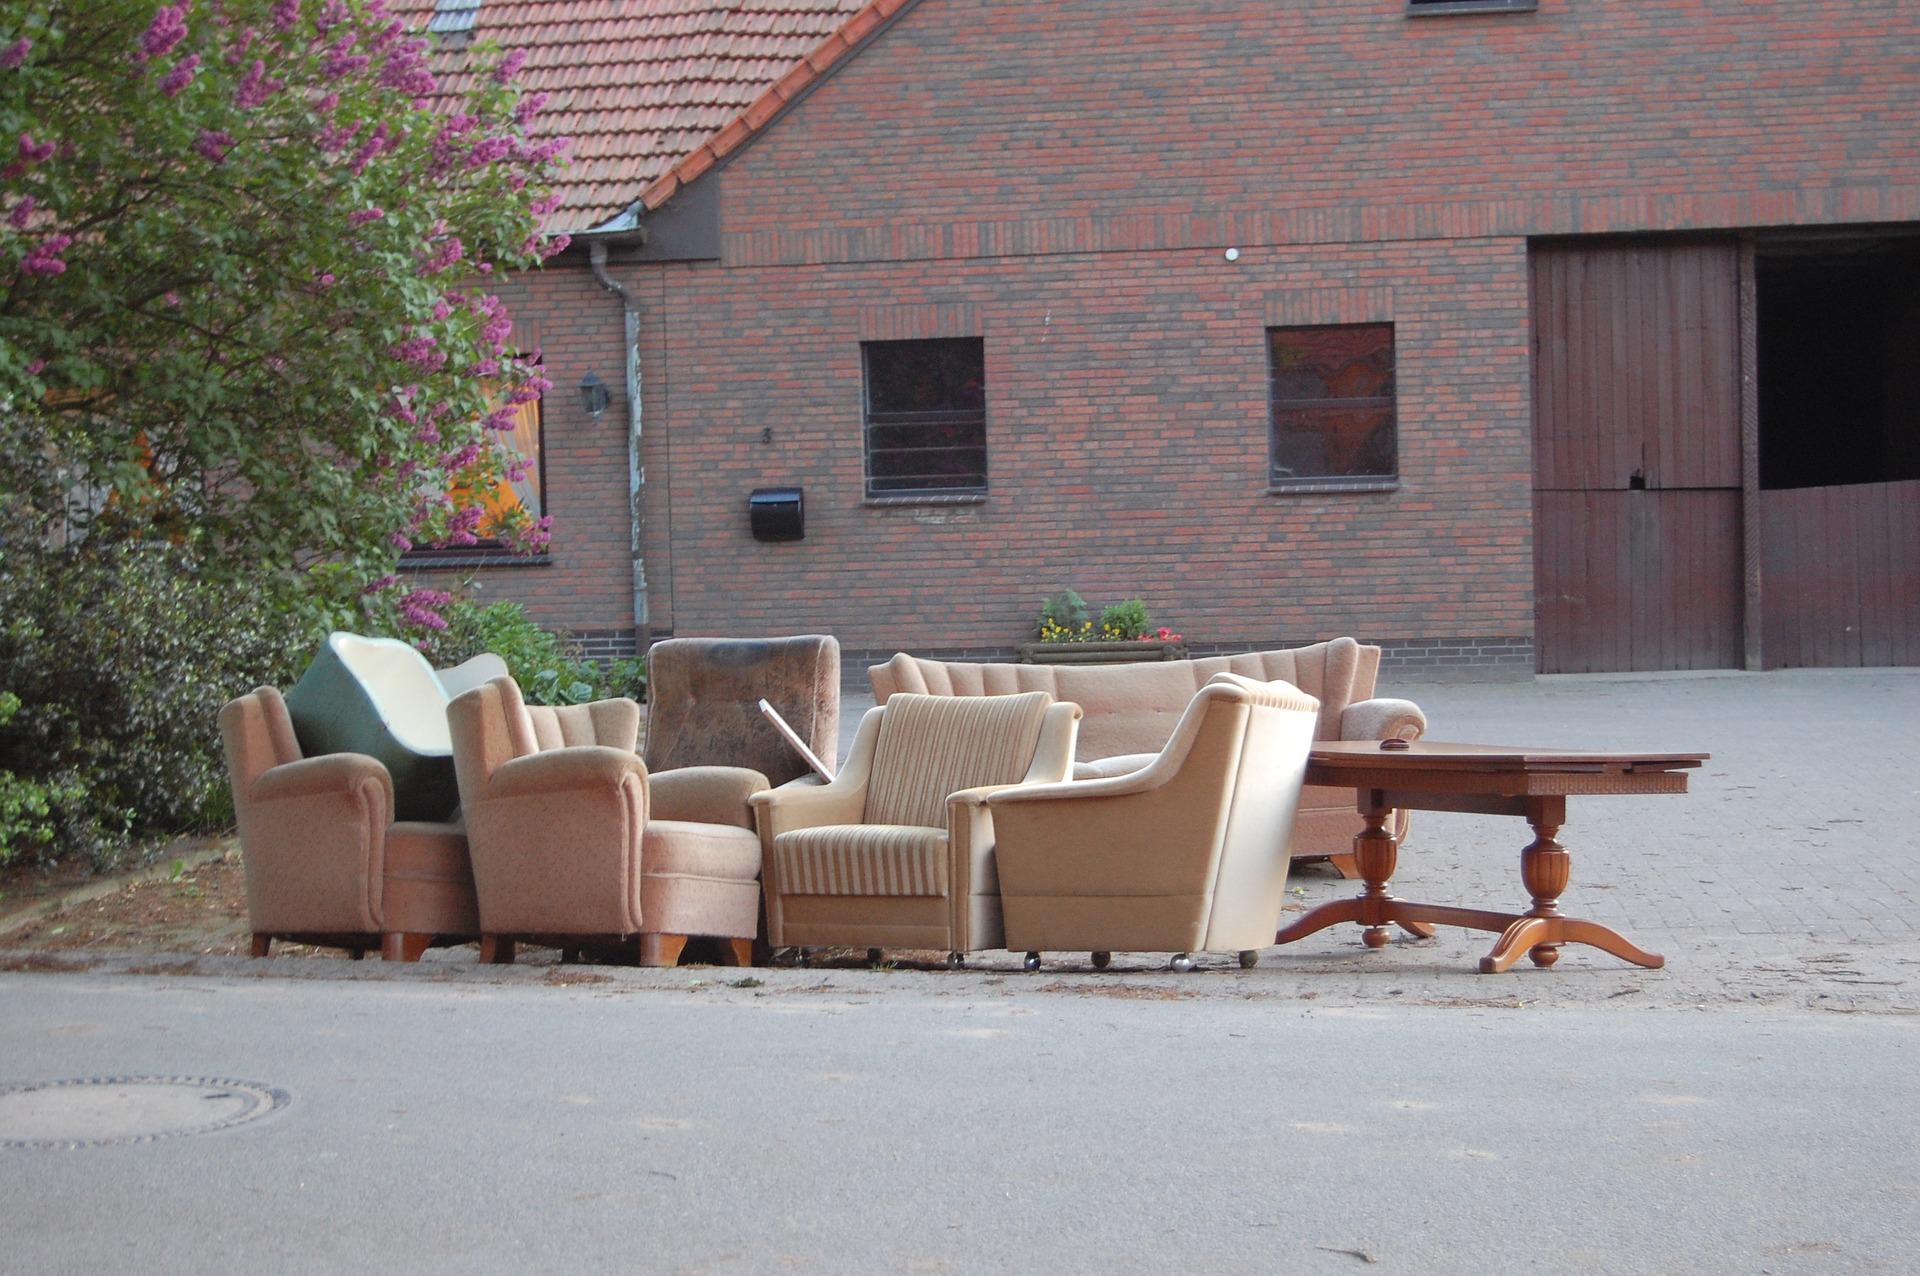 네덜란드에서 가구 등 큰 쓰레기 무료로 버리는 법